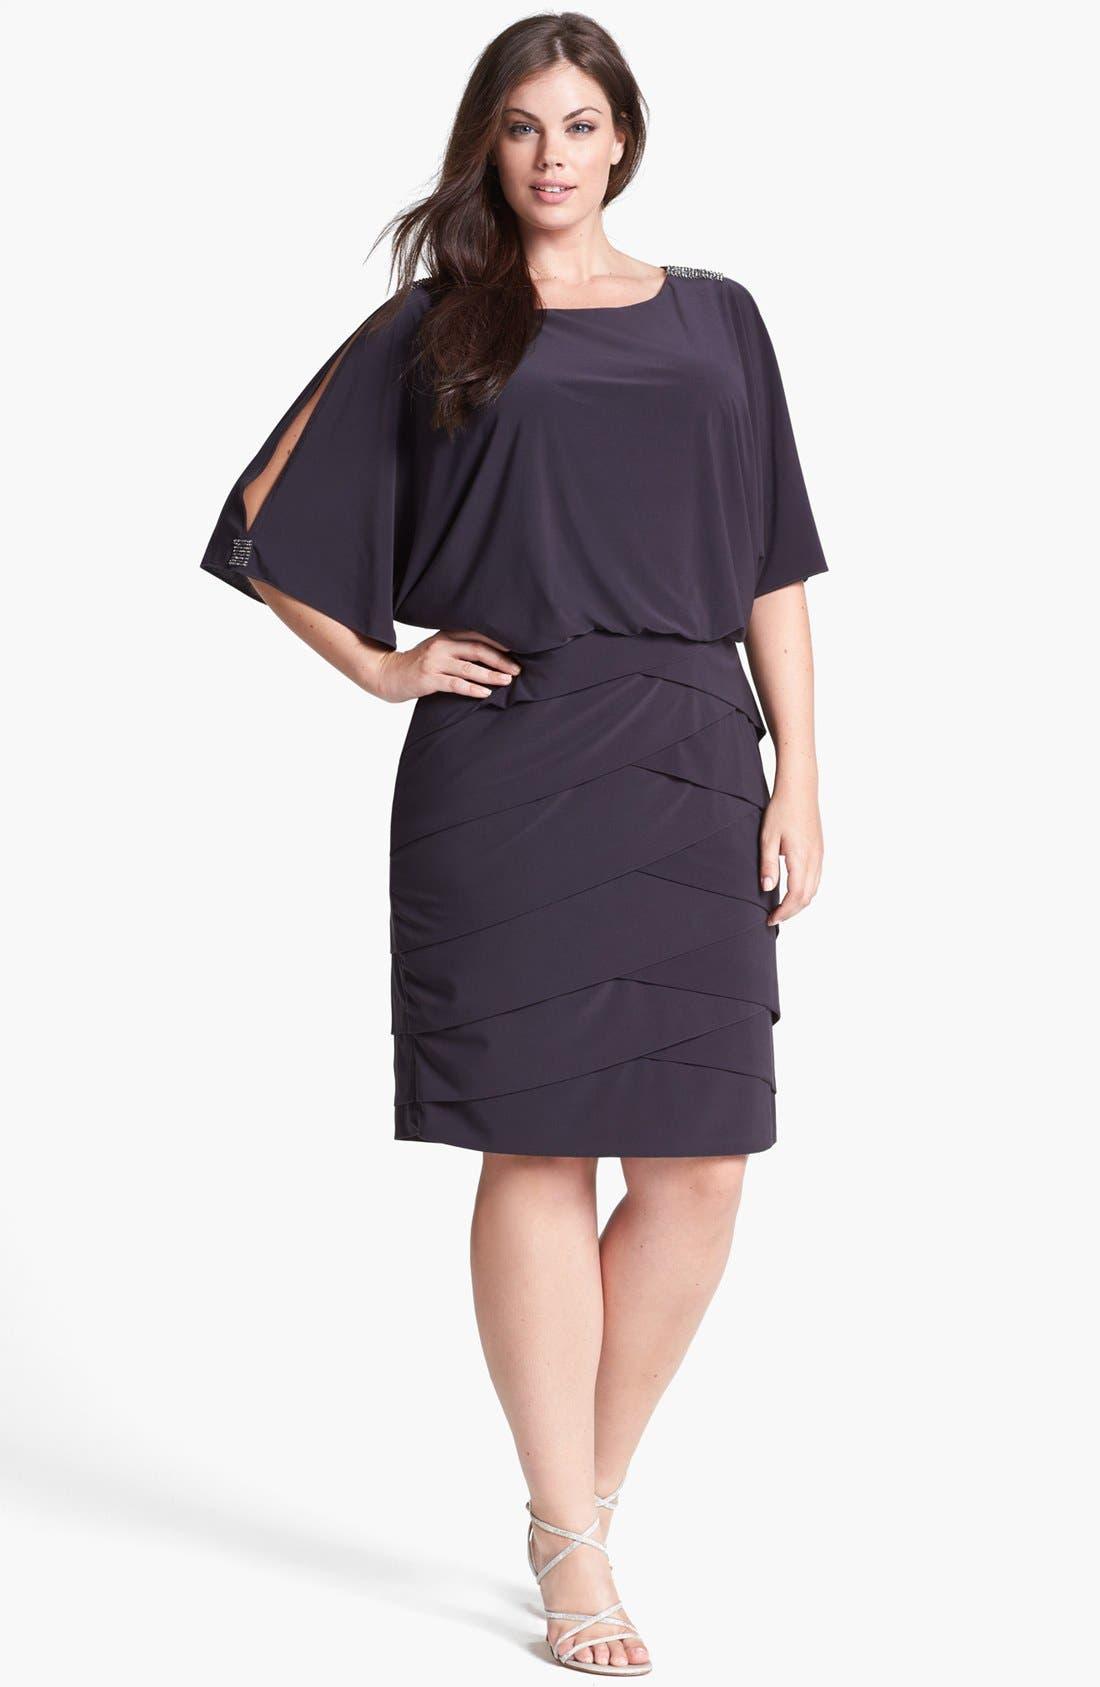 Alternate Image 1 Selected - Xscape Embellished Cold Shoulder Blouson Dress